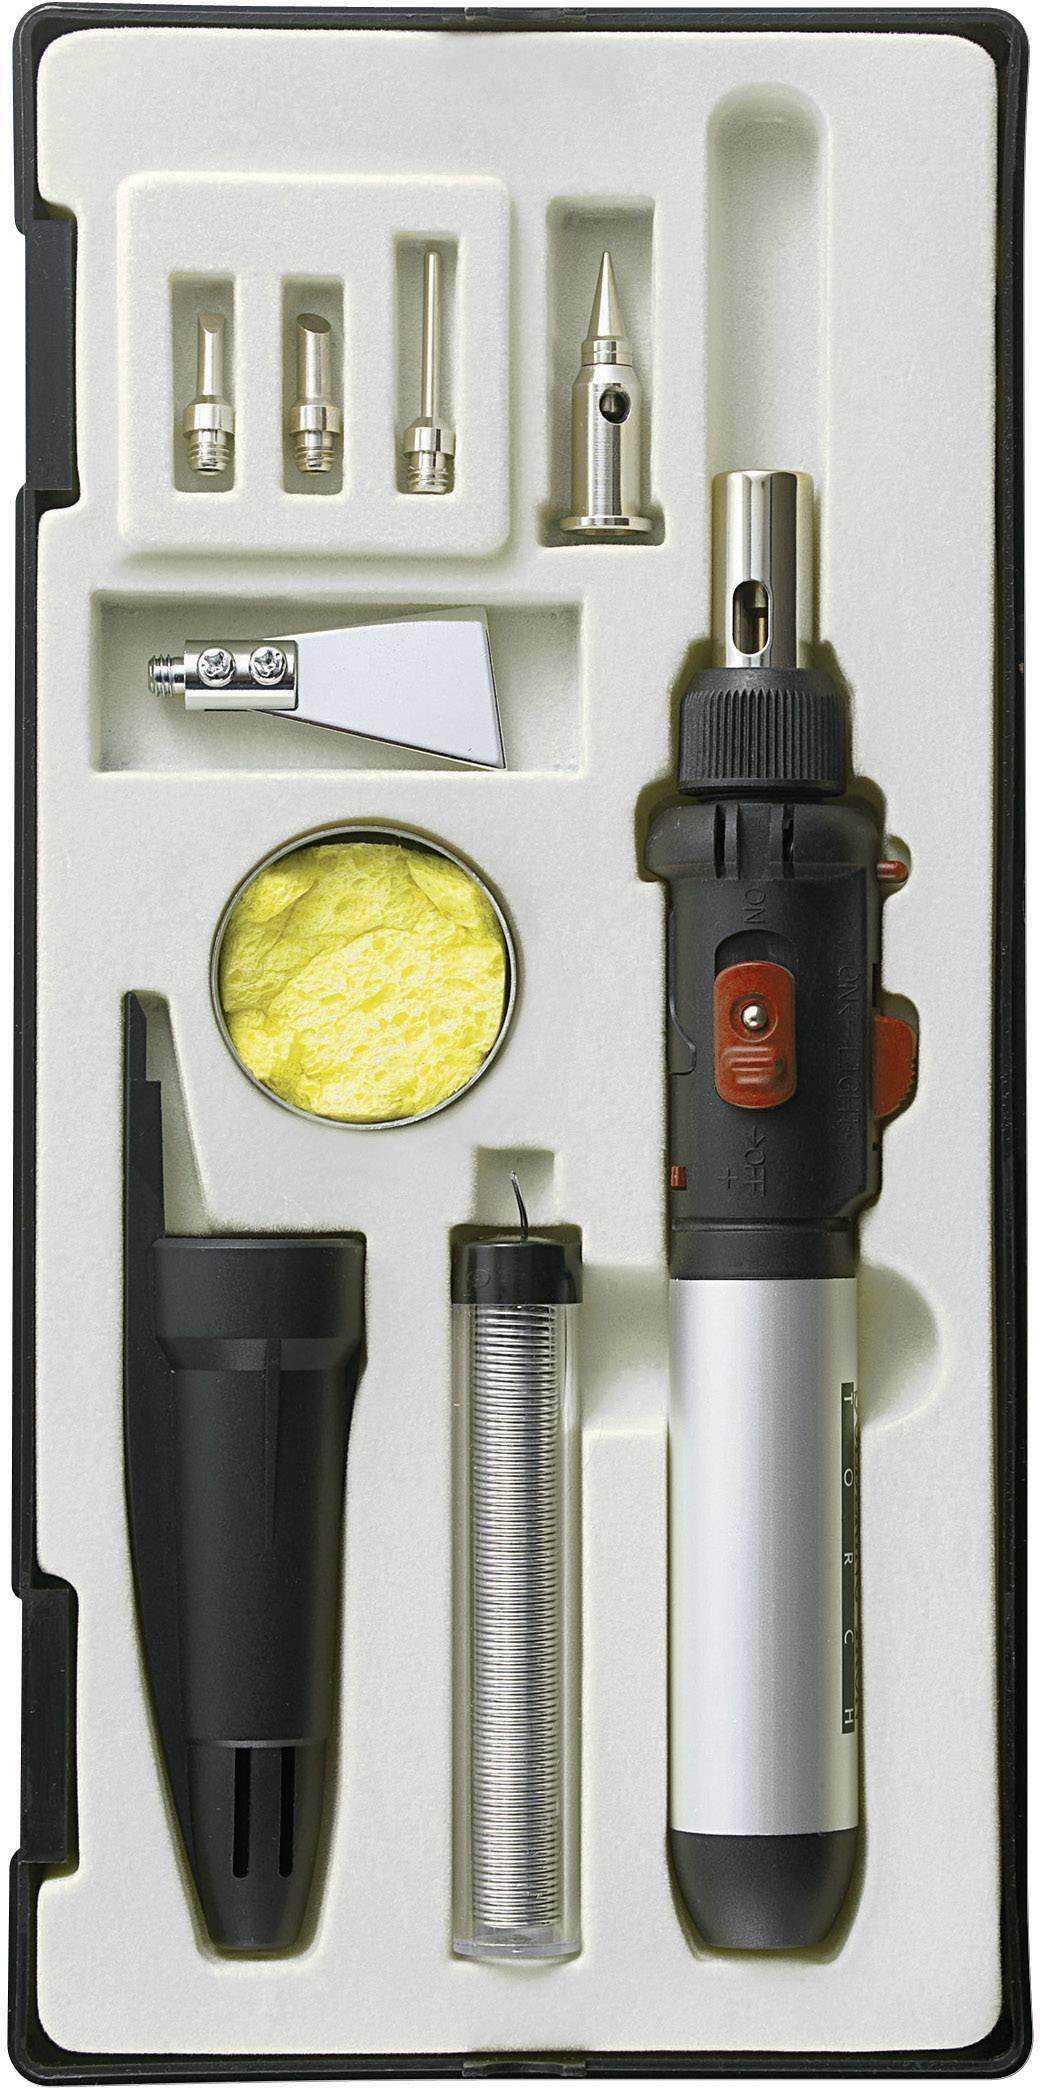 Sada plynovej spájkovačky TOOLCRAFT PT-509, 1300 °C, 50 min